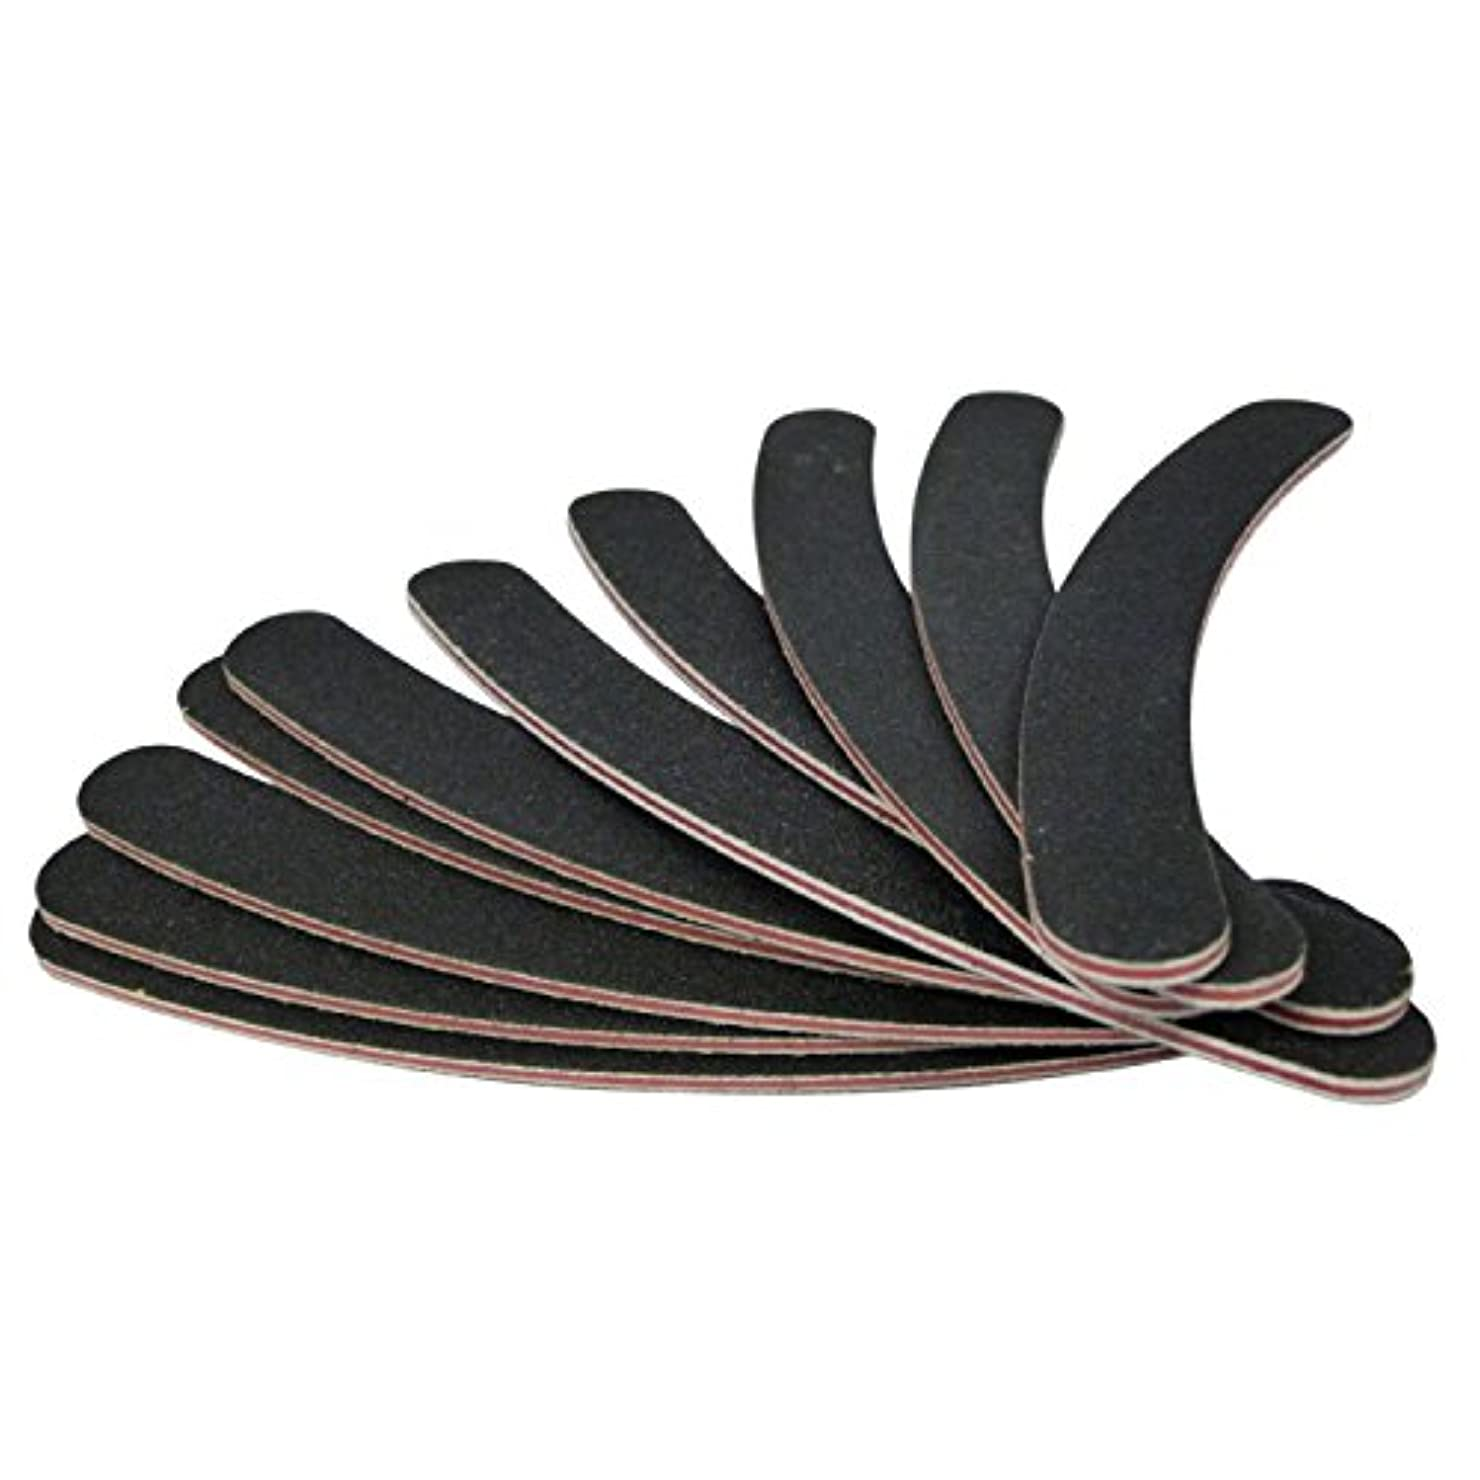 信頼性ワンダー白雪姫Gespout 爪やすり 爪磨き 滑らか仕上げ ネイルシャイナー ネイルケア用品 ピカピカ ネイルケア 紙 人気 10本セット ブラック